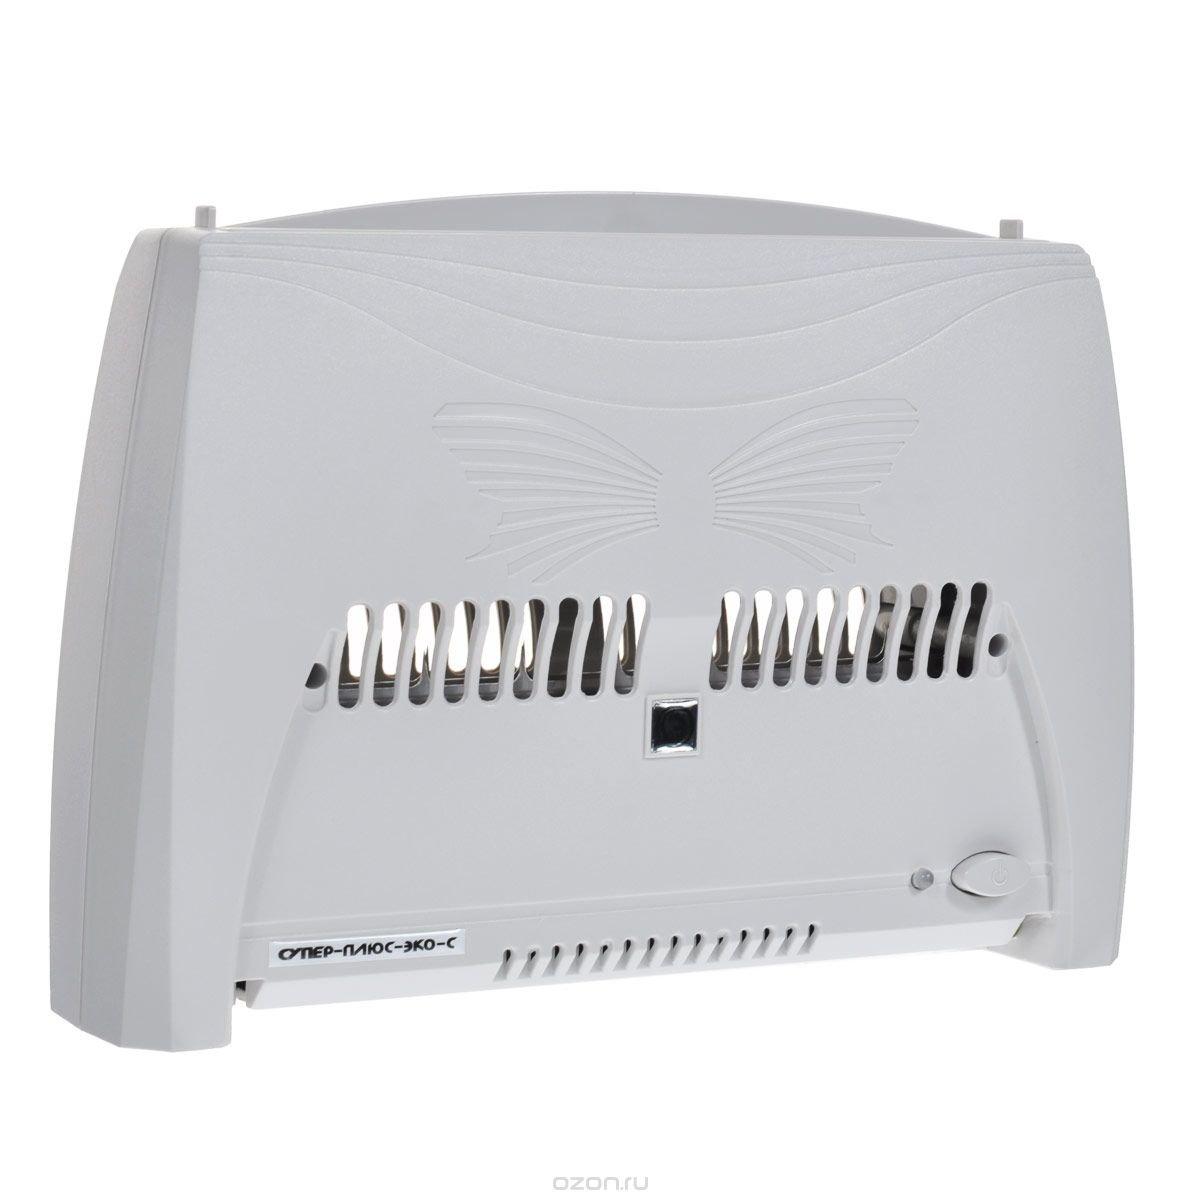 Супер Плюс Эко-С, Silver очиститель-ионизатор воздуха